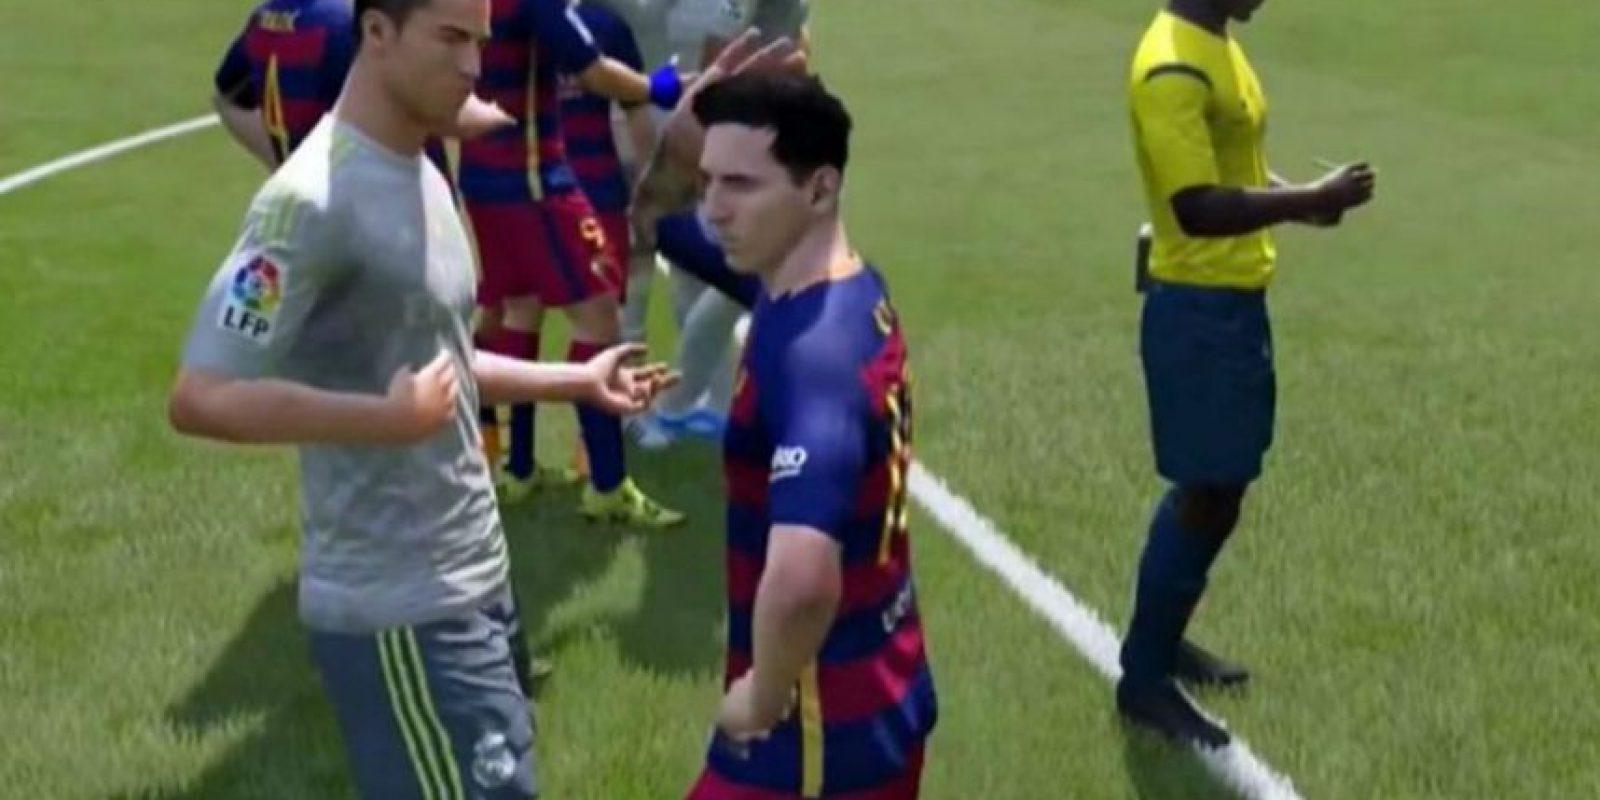 """Cristiano Ronaldo y Lionel Messi discutiendo en el """"FIFA 16"""". Foto:vía YouTube.com"""